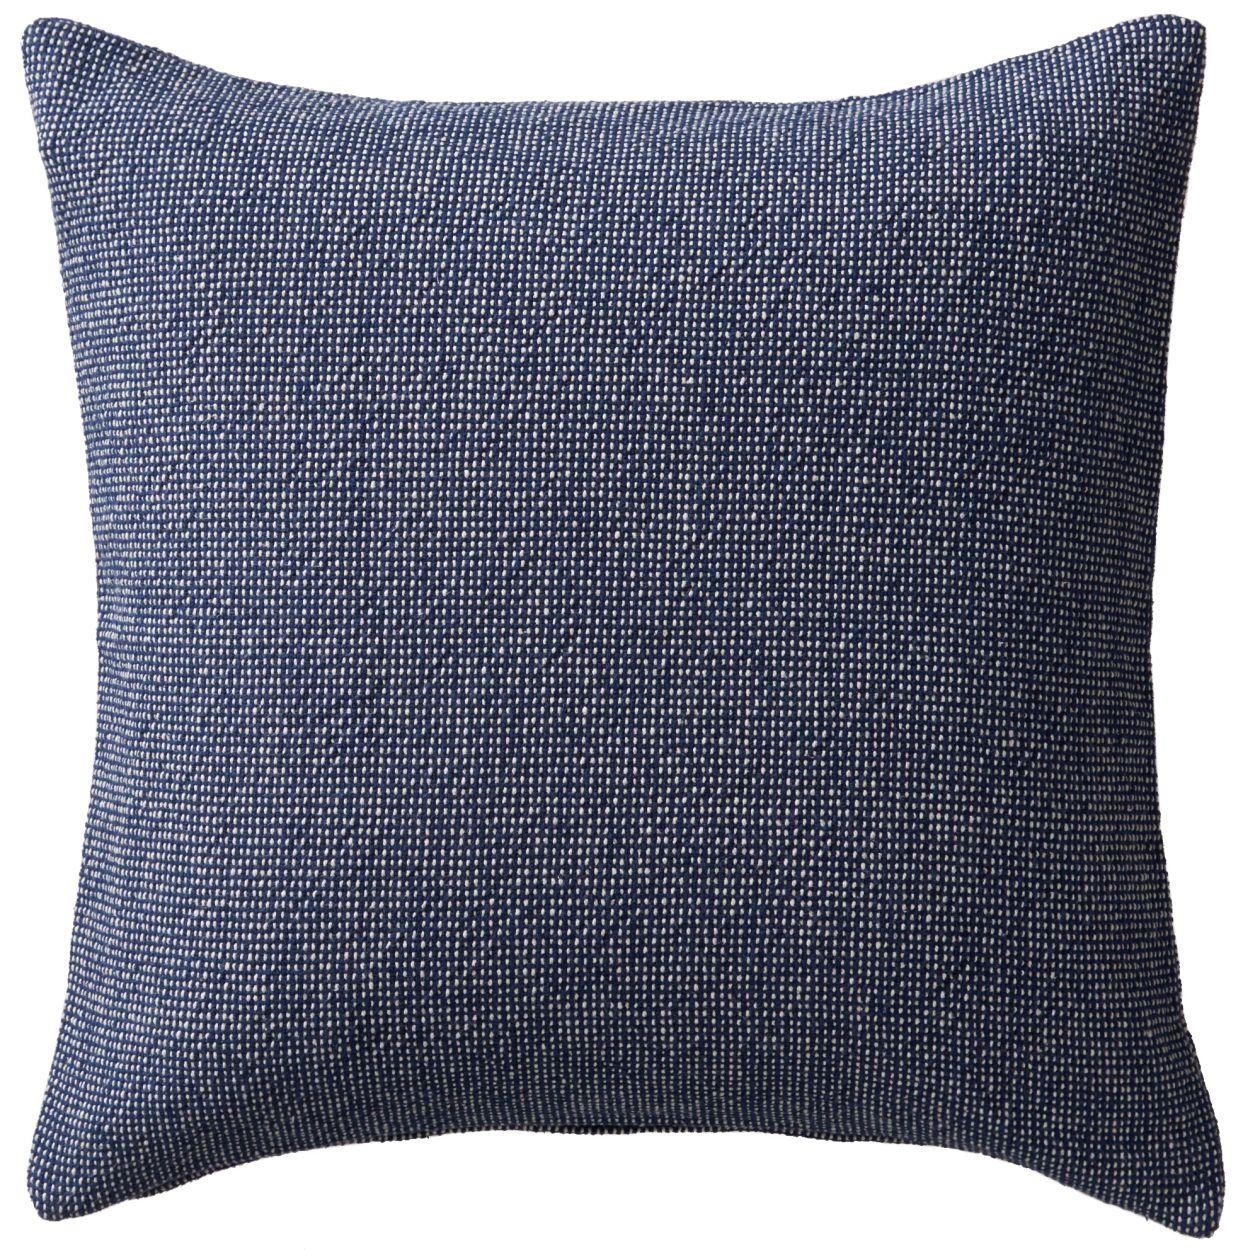 インド綿太番手平織クッションカバー/ネイビー